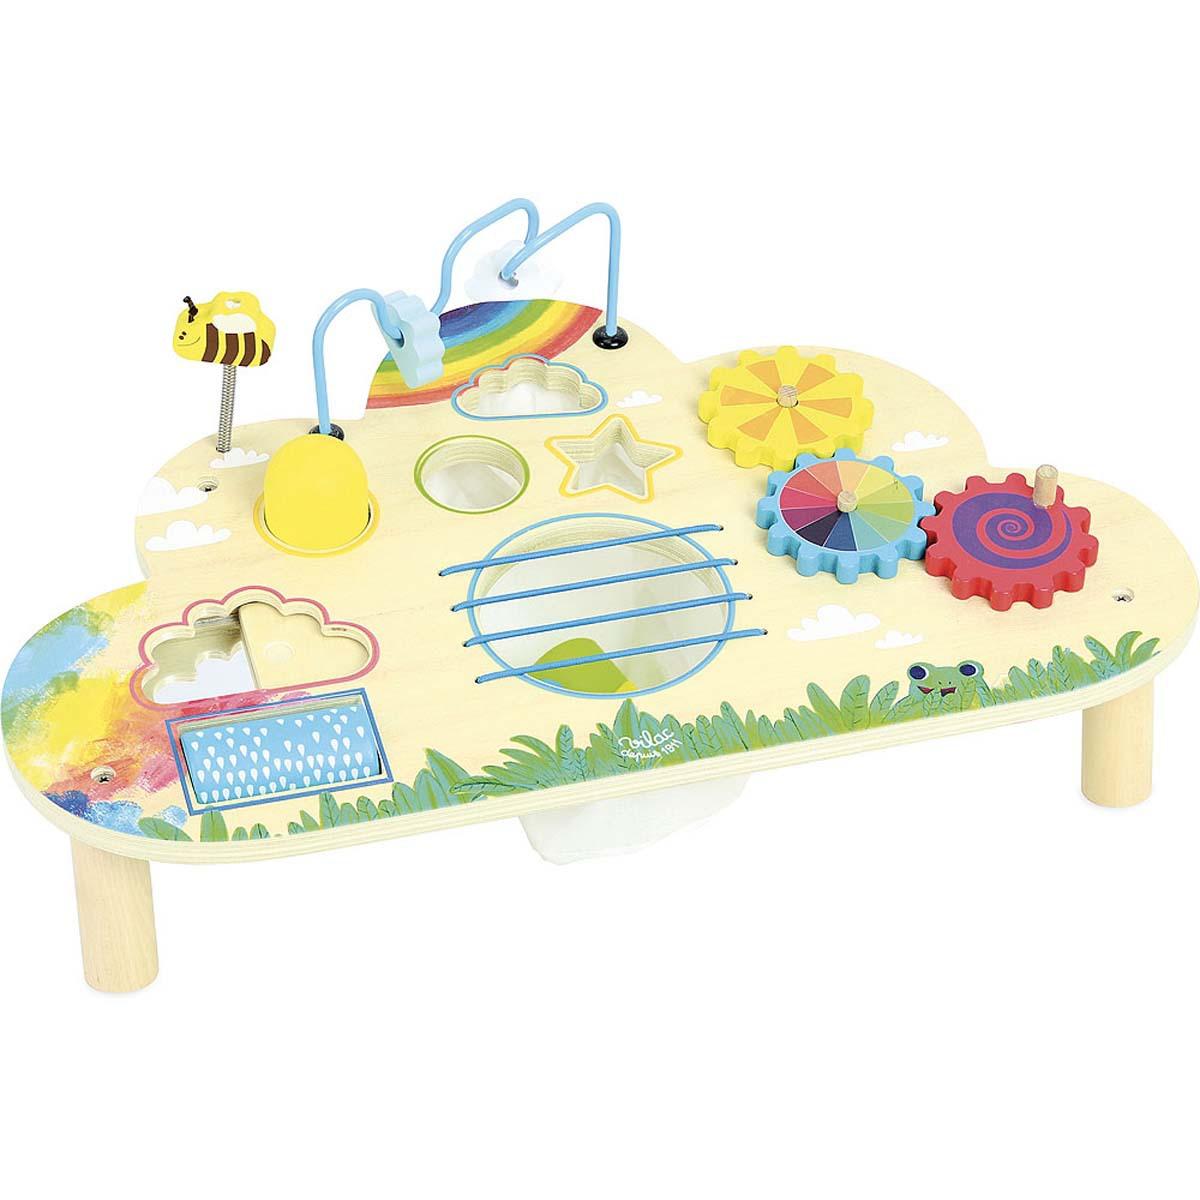 Mes premiers jouets Table d'Eveil Arc-en-Ciel Table d'Eveil Arc-en-Ciel